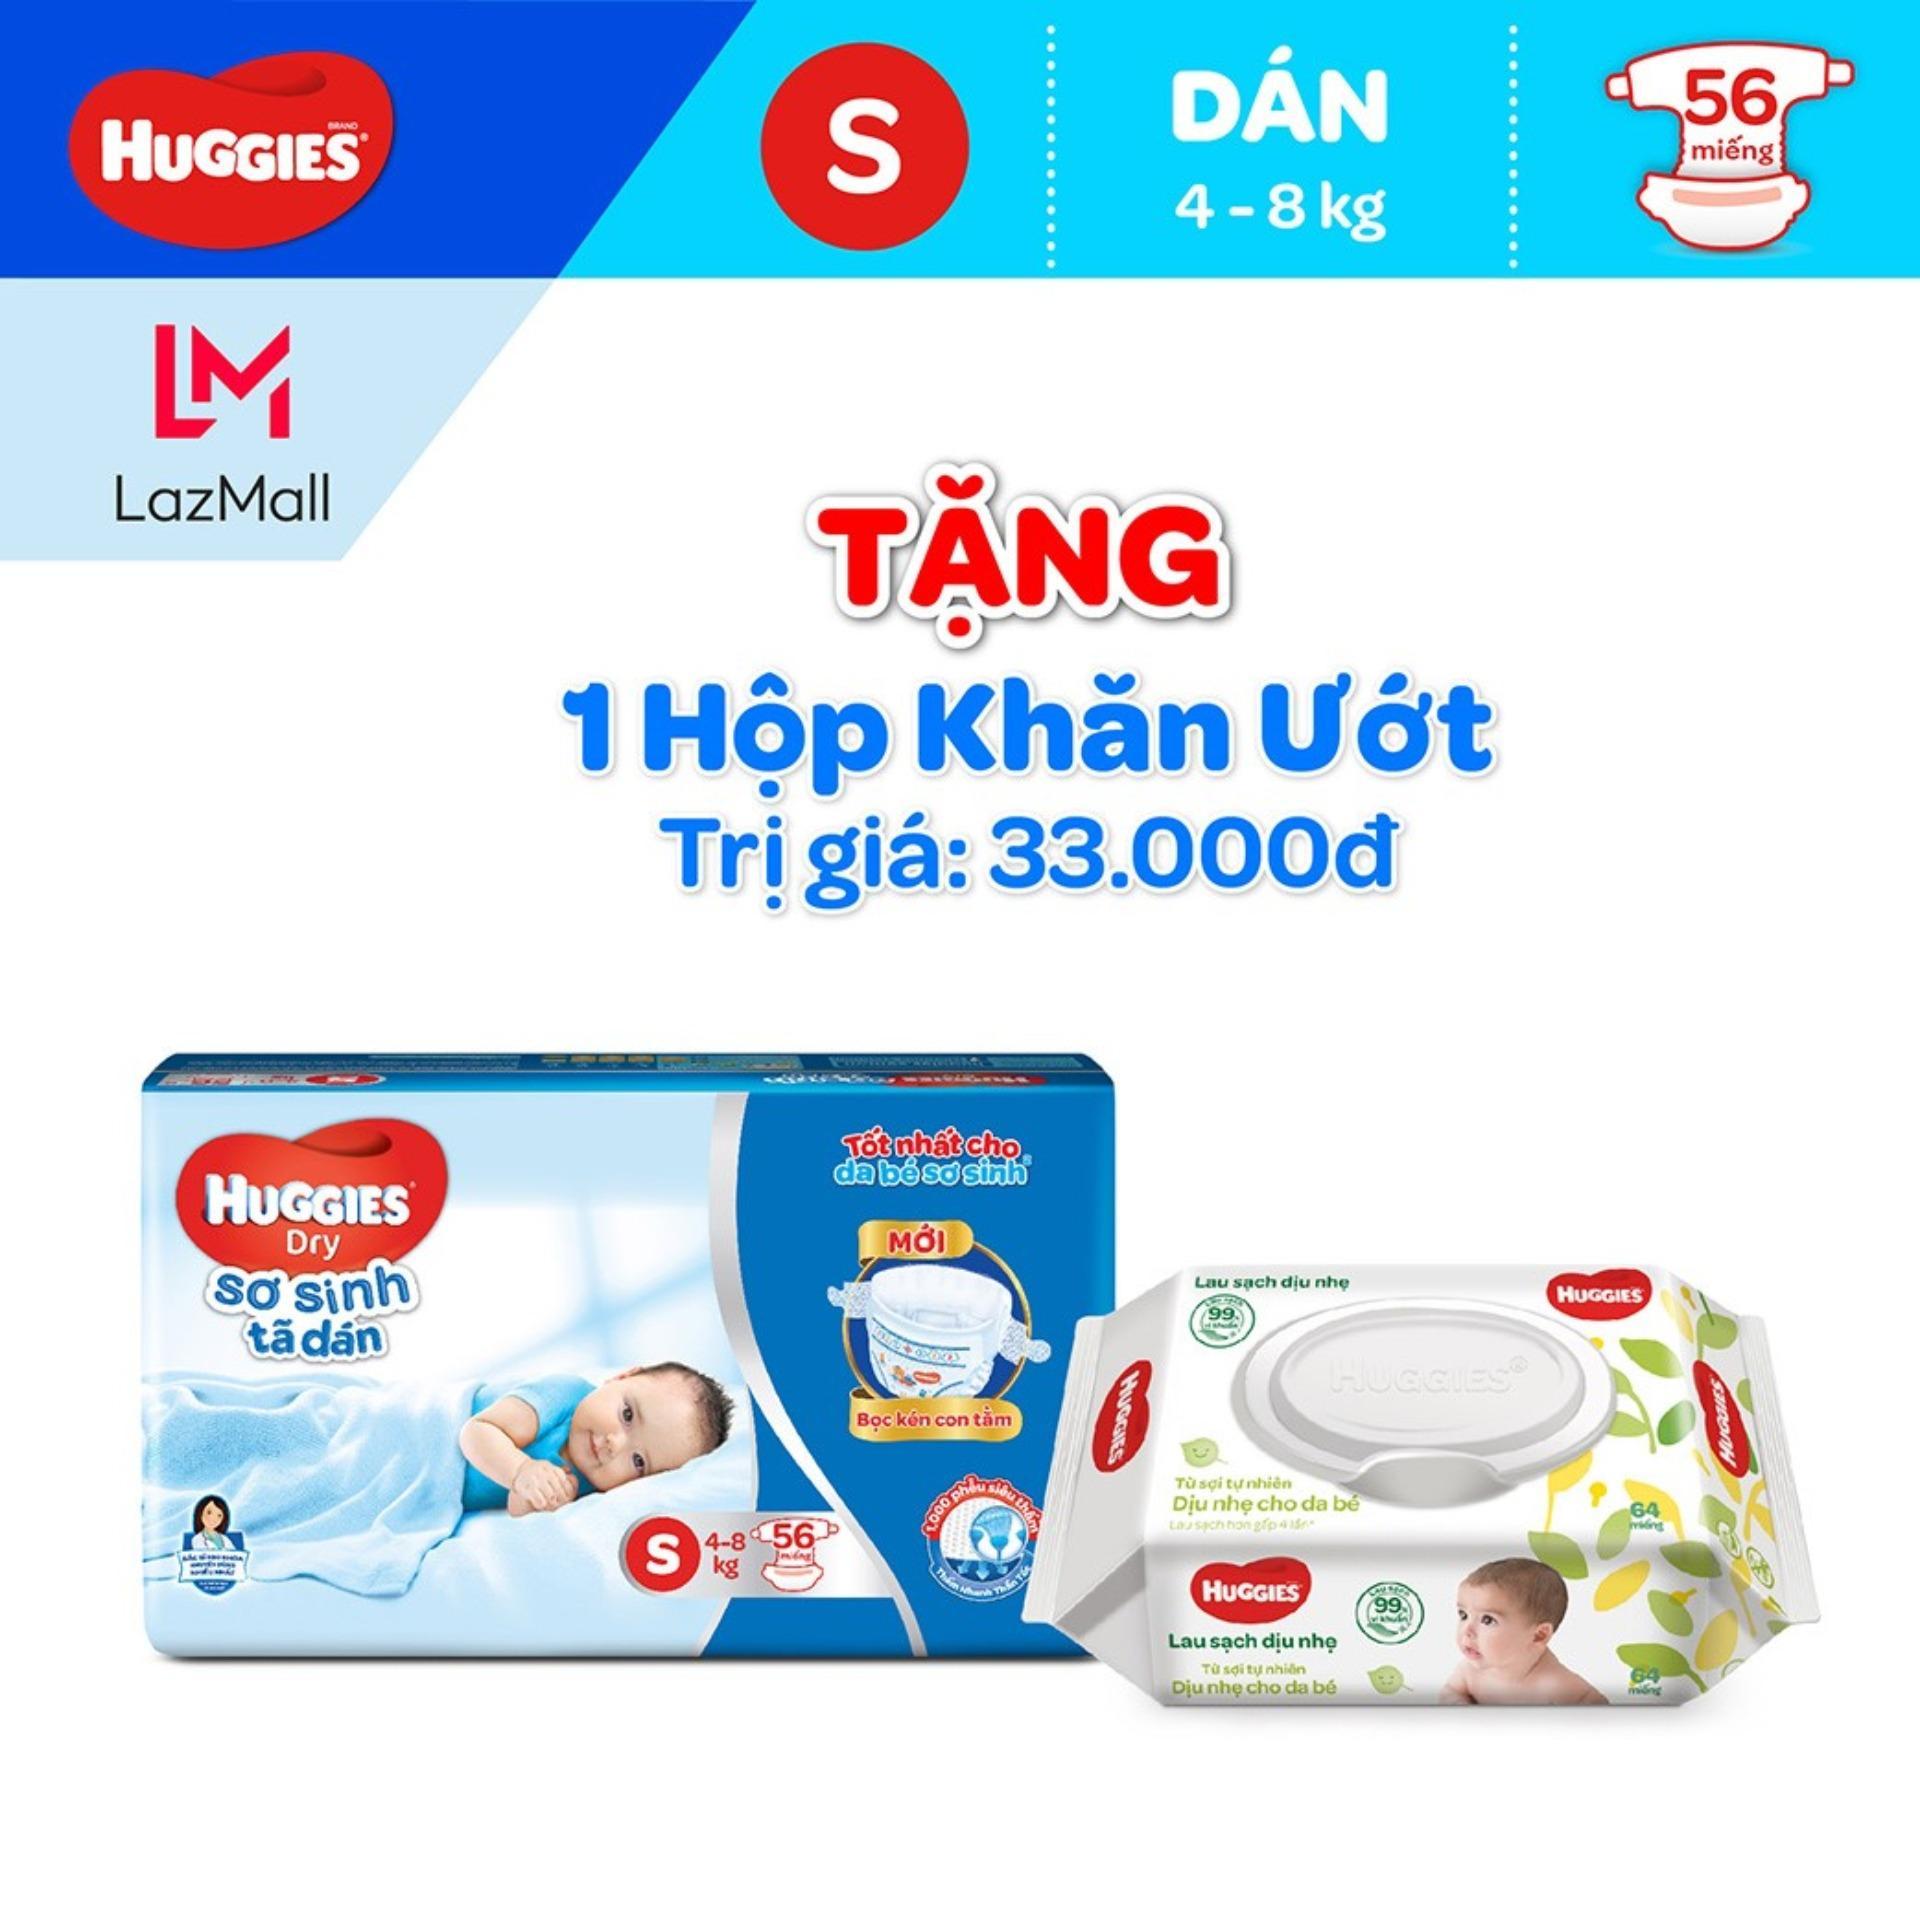 Giá Quá Tốt Để Mua Tã Dán Huggies Dry Size S 56 Miếng ( Tặng 1 Gói Khăn Uớt 3Ok) (cho Bé 4 - 8kg) - HSD Luôn Mới